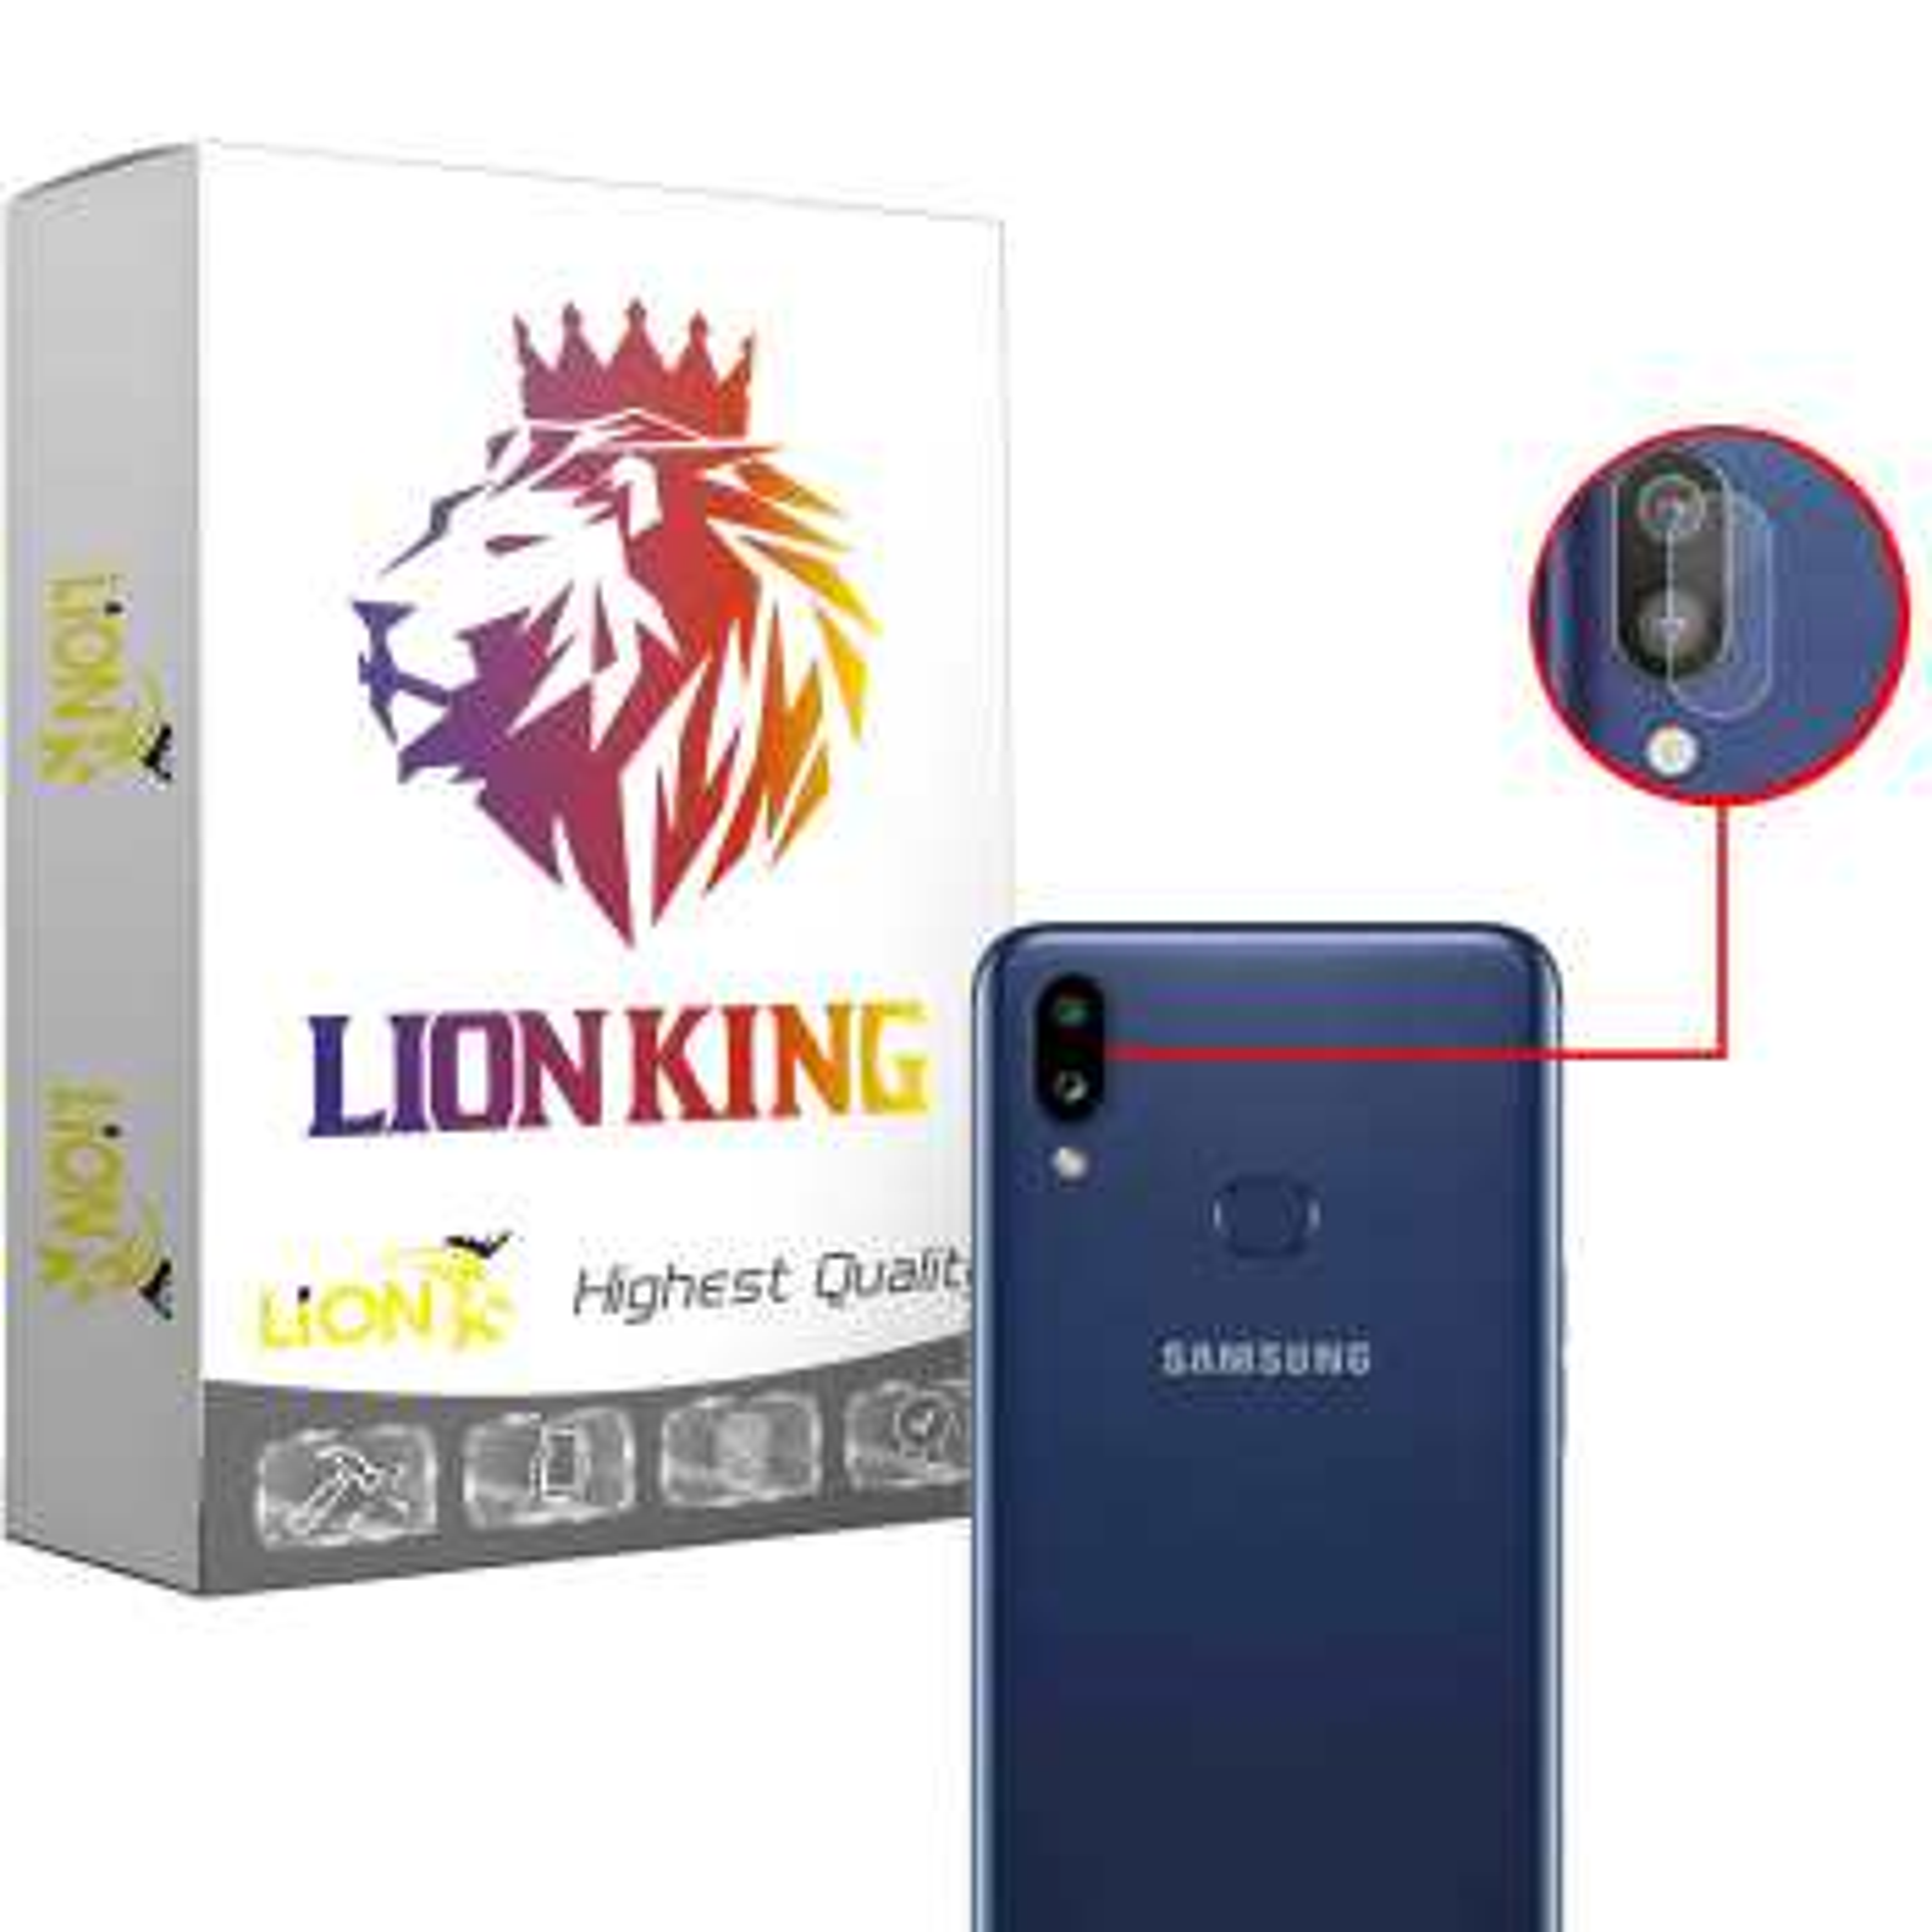 محافظ لنز دوربین لاین کینگ مدل LKL مناسب برای گوشی موبایل سامسونگ Galaxy A10S